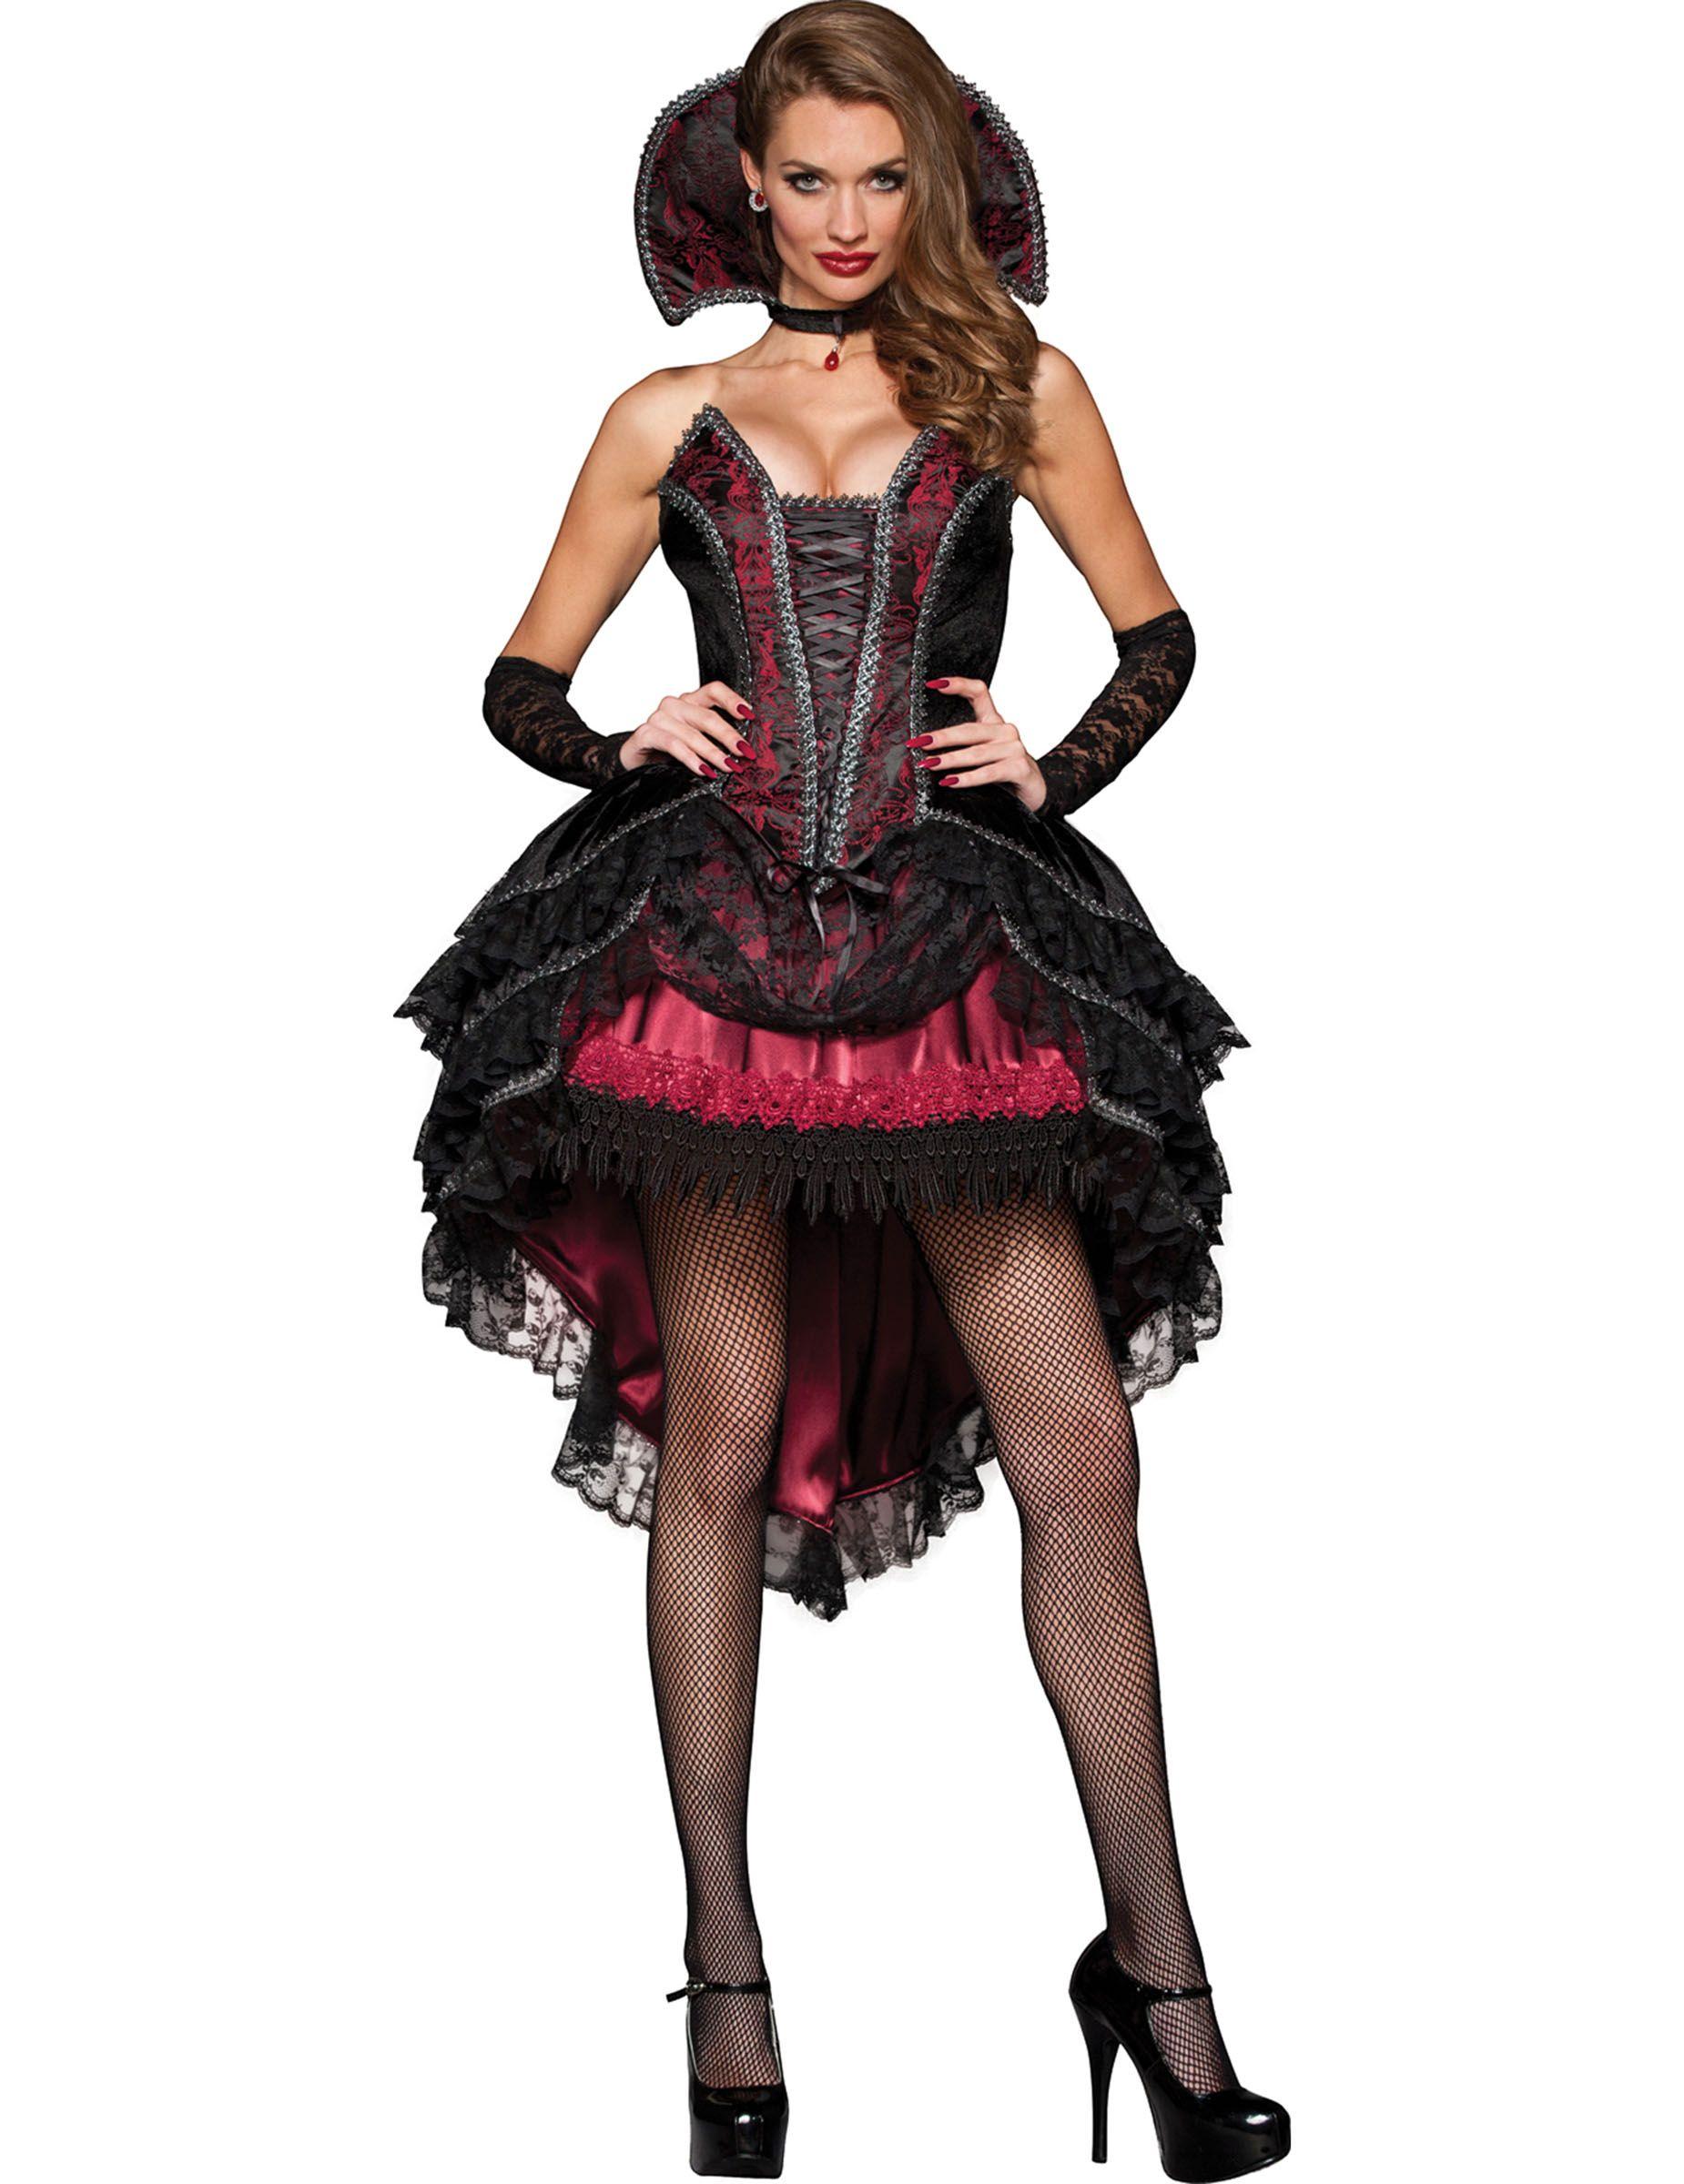 Disfraz condesa mujer Premium  Este disfraz de condesa para mujer incluye  vestido y cuello (joyas 91a21f66b4c6